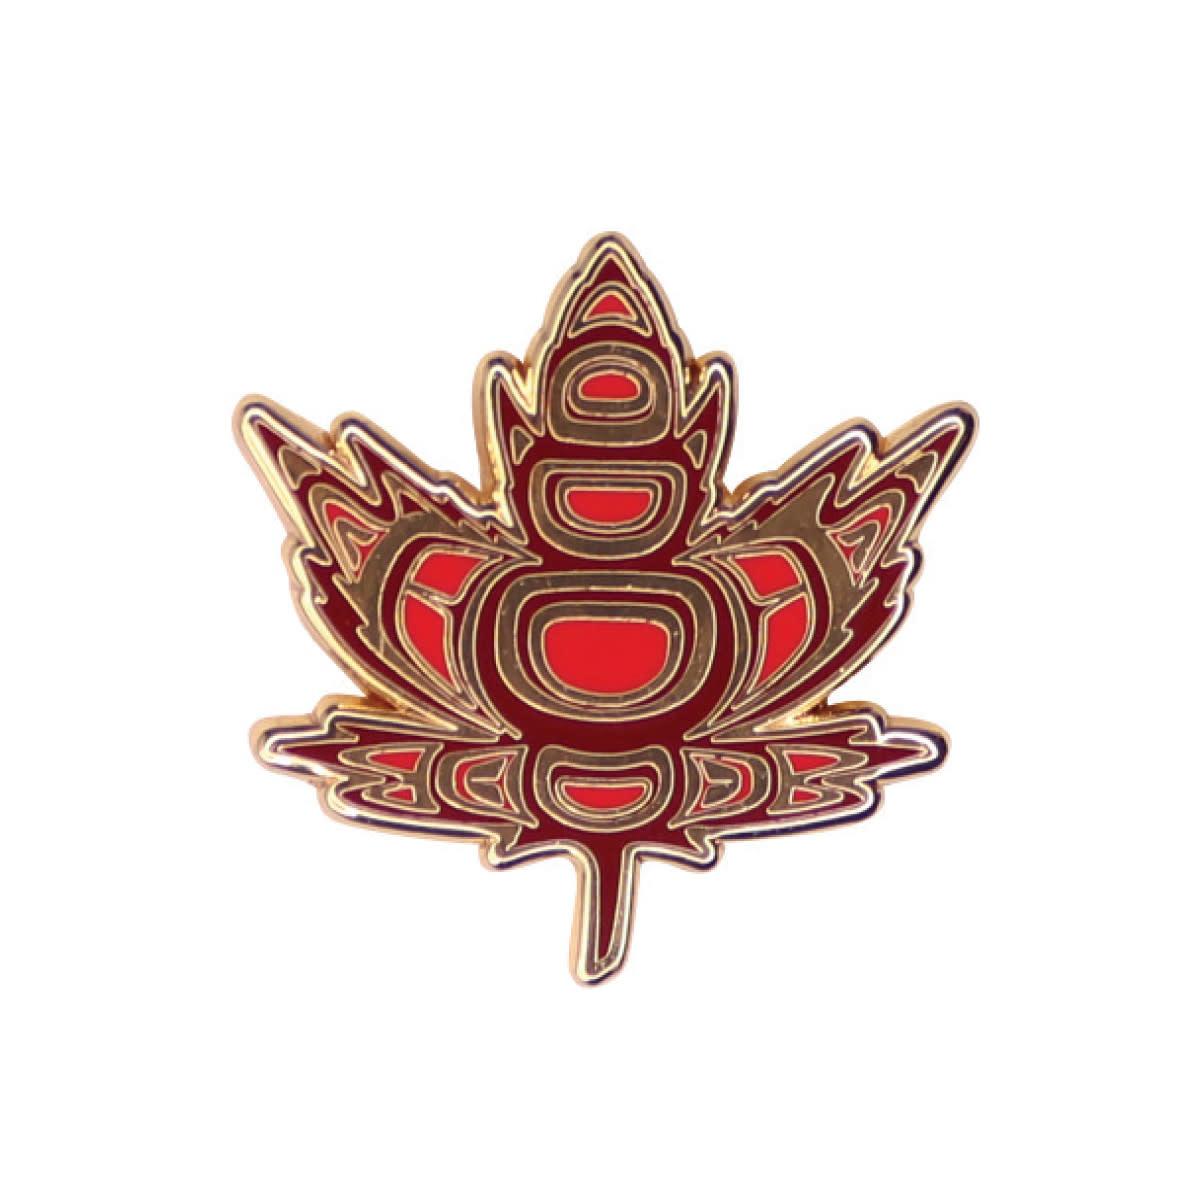 Enamel Pin- Indigenous Maple-Paul Windsor-1